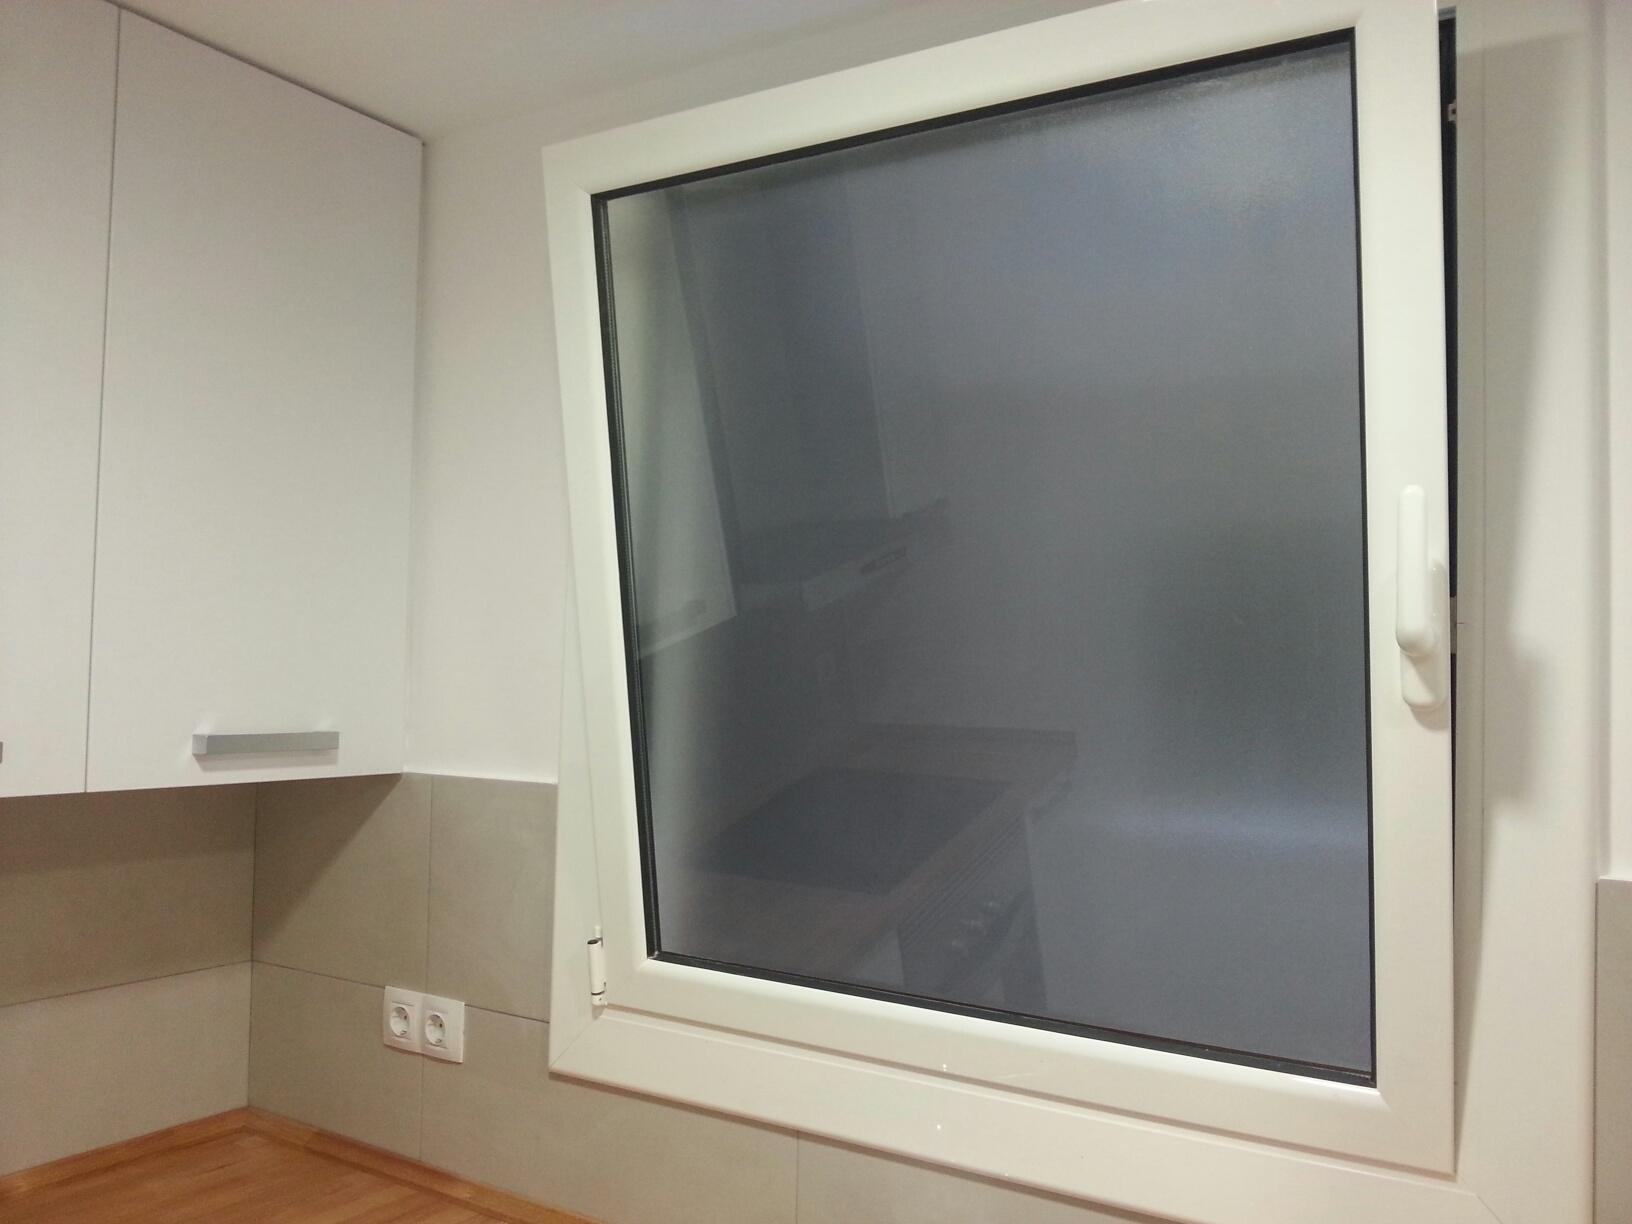 Ventanas oscilobatientes y puerta abatible de aluminio en - Ventanas oscilobatientes aluminio precios ...